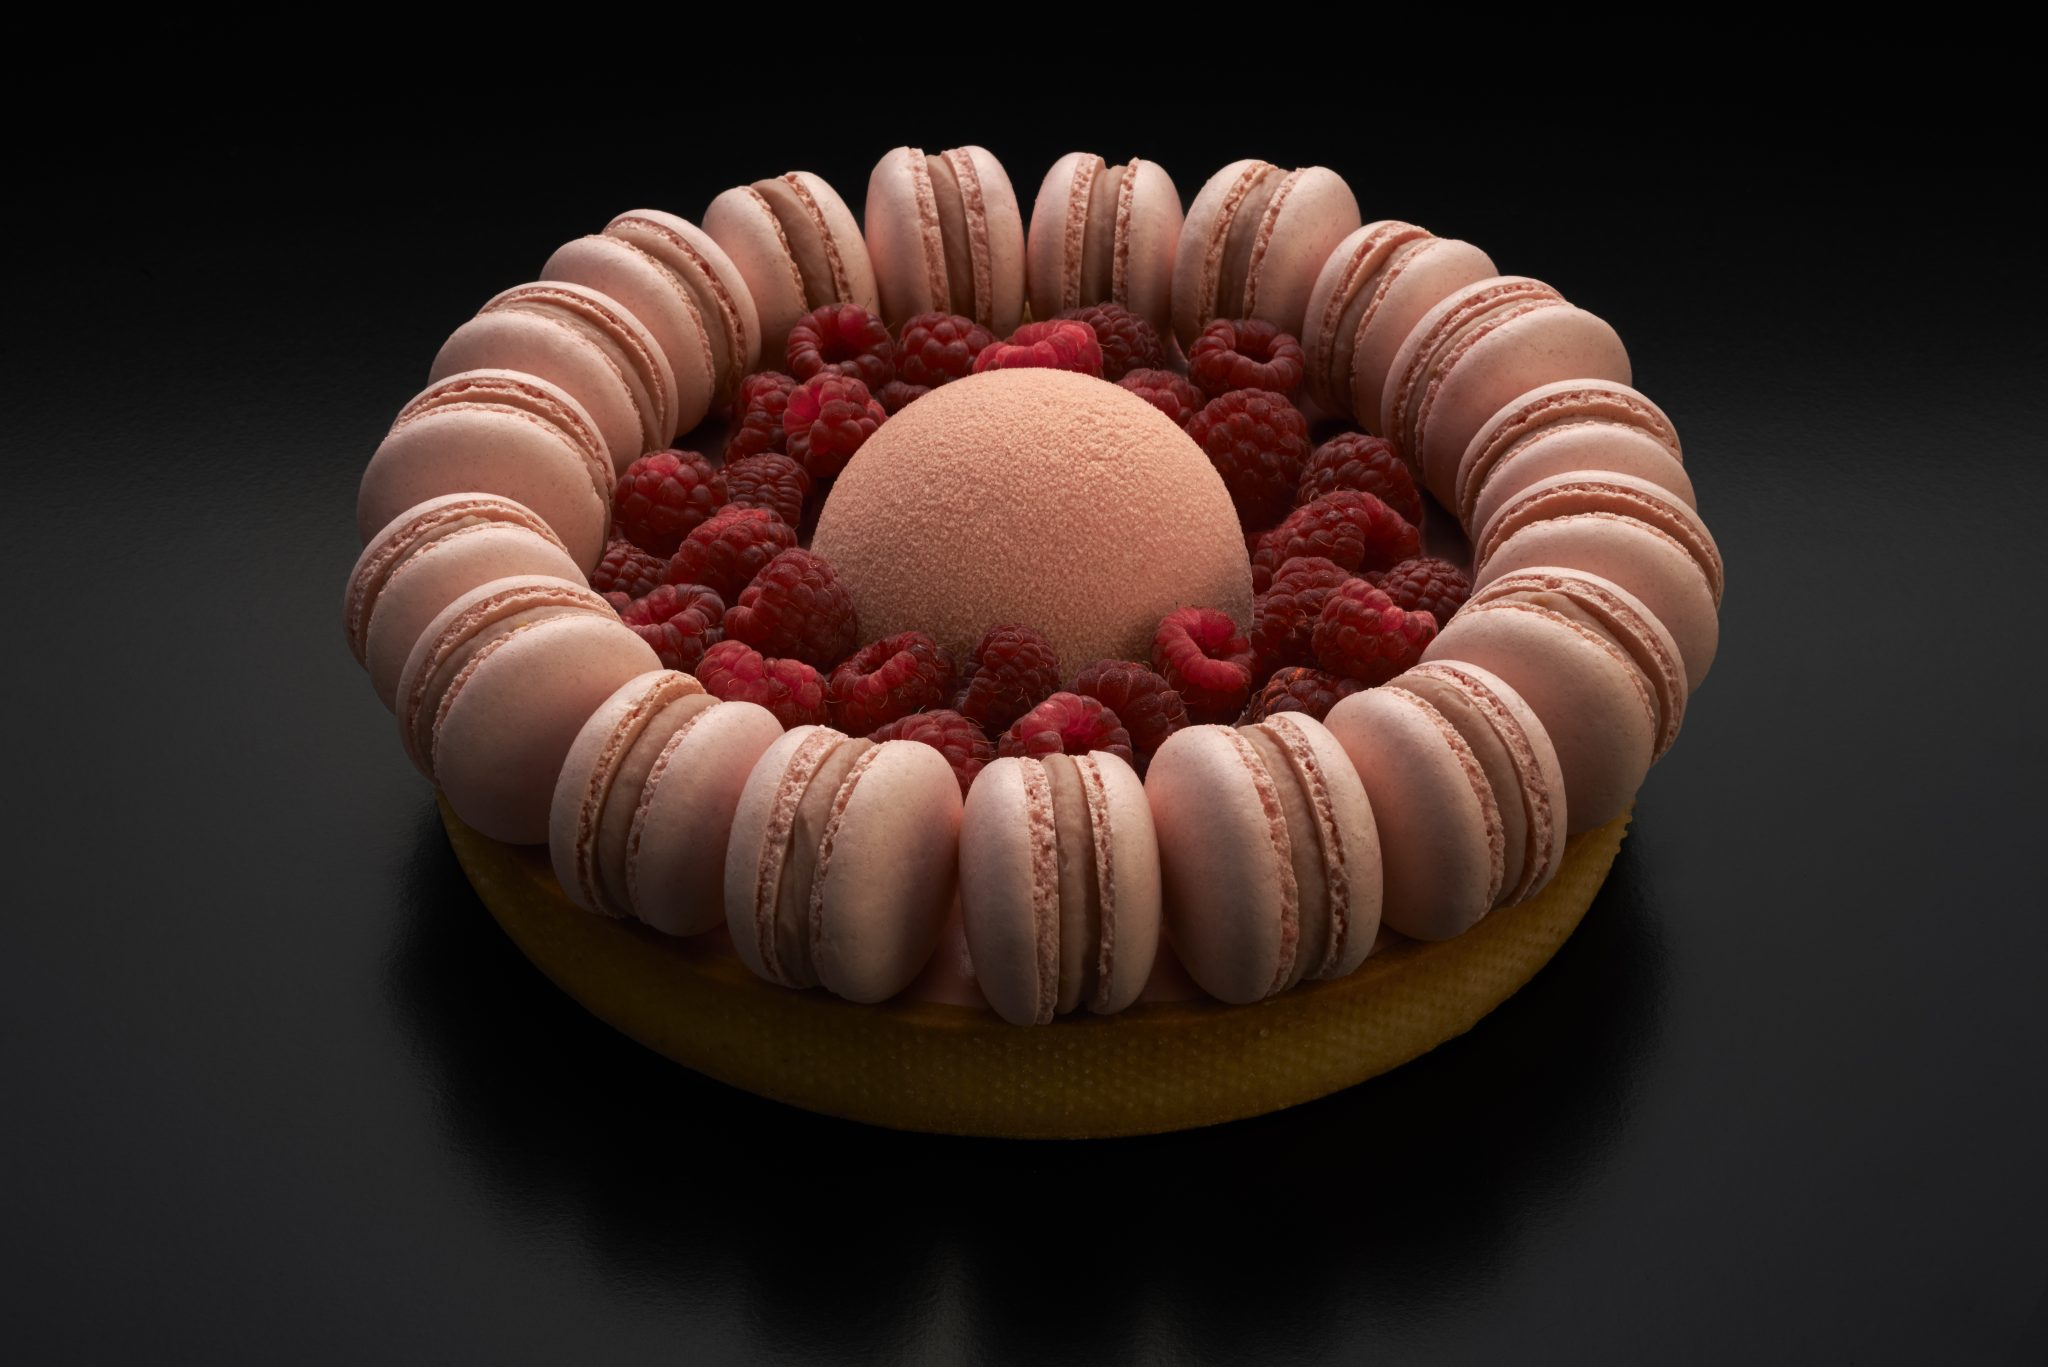 Tarta de frambuesas frescas, cremoso de chocolate blanco y vainilla, gelificado y petit macarons de rosas